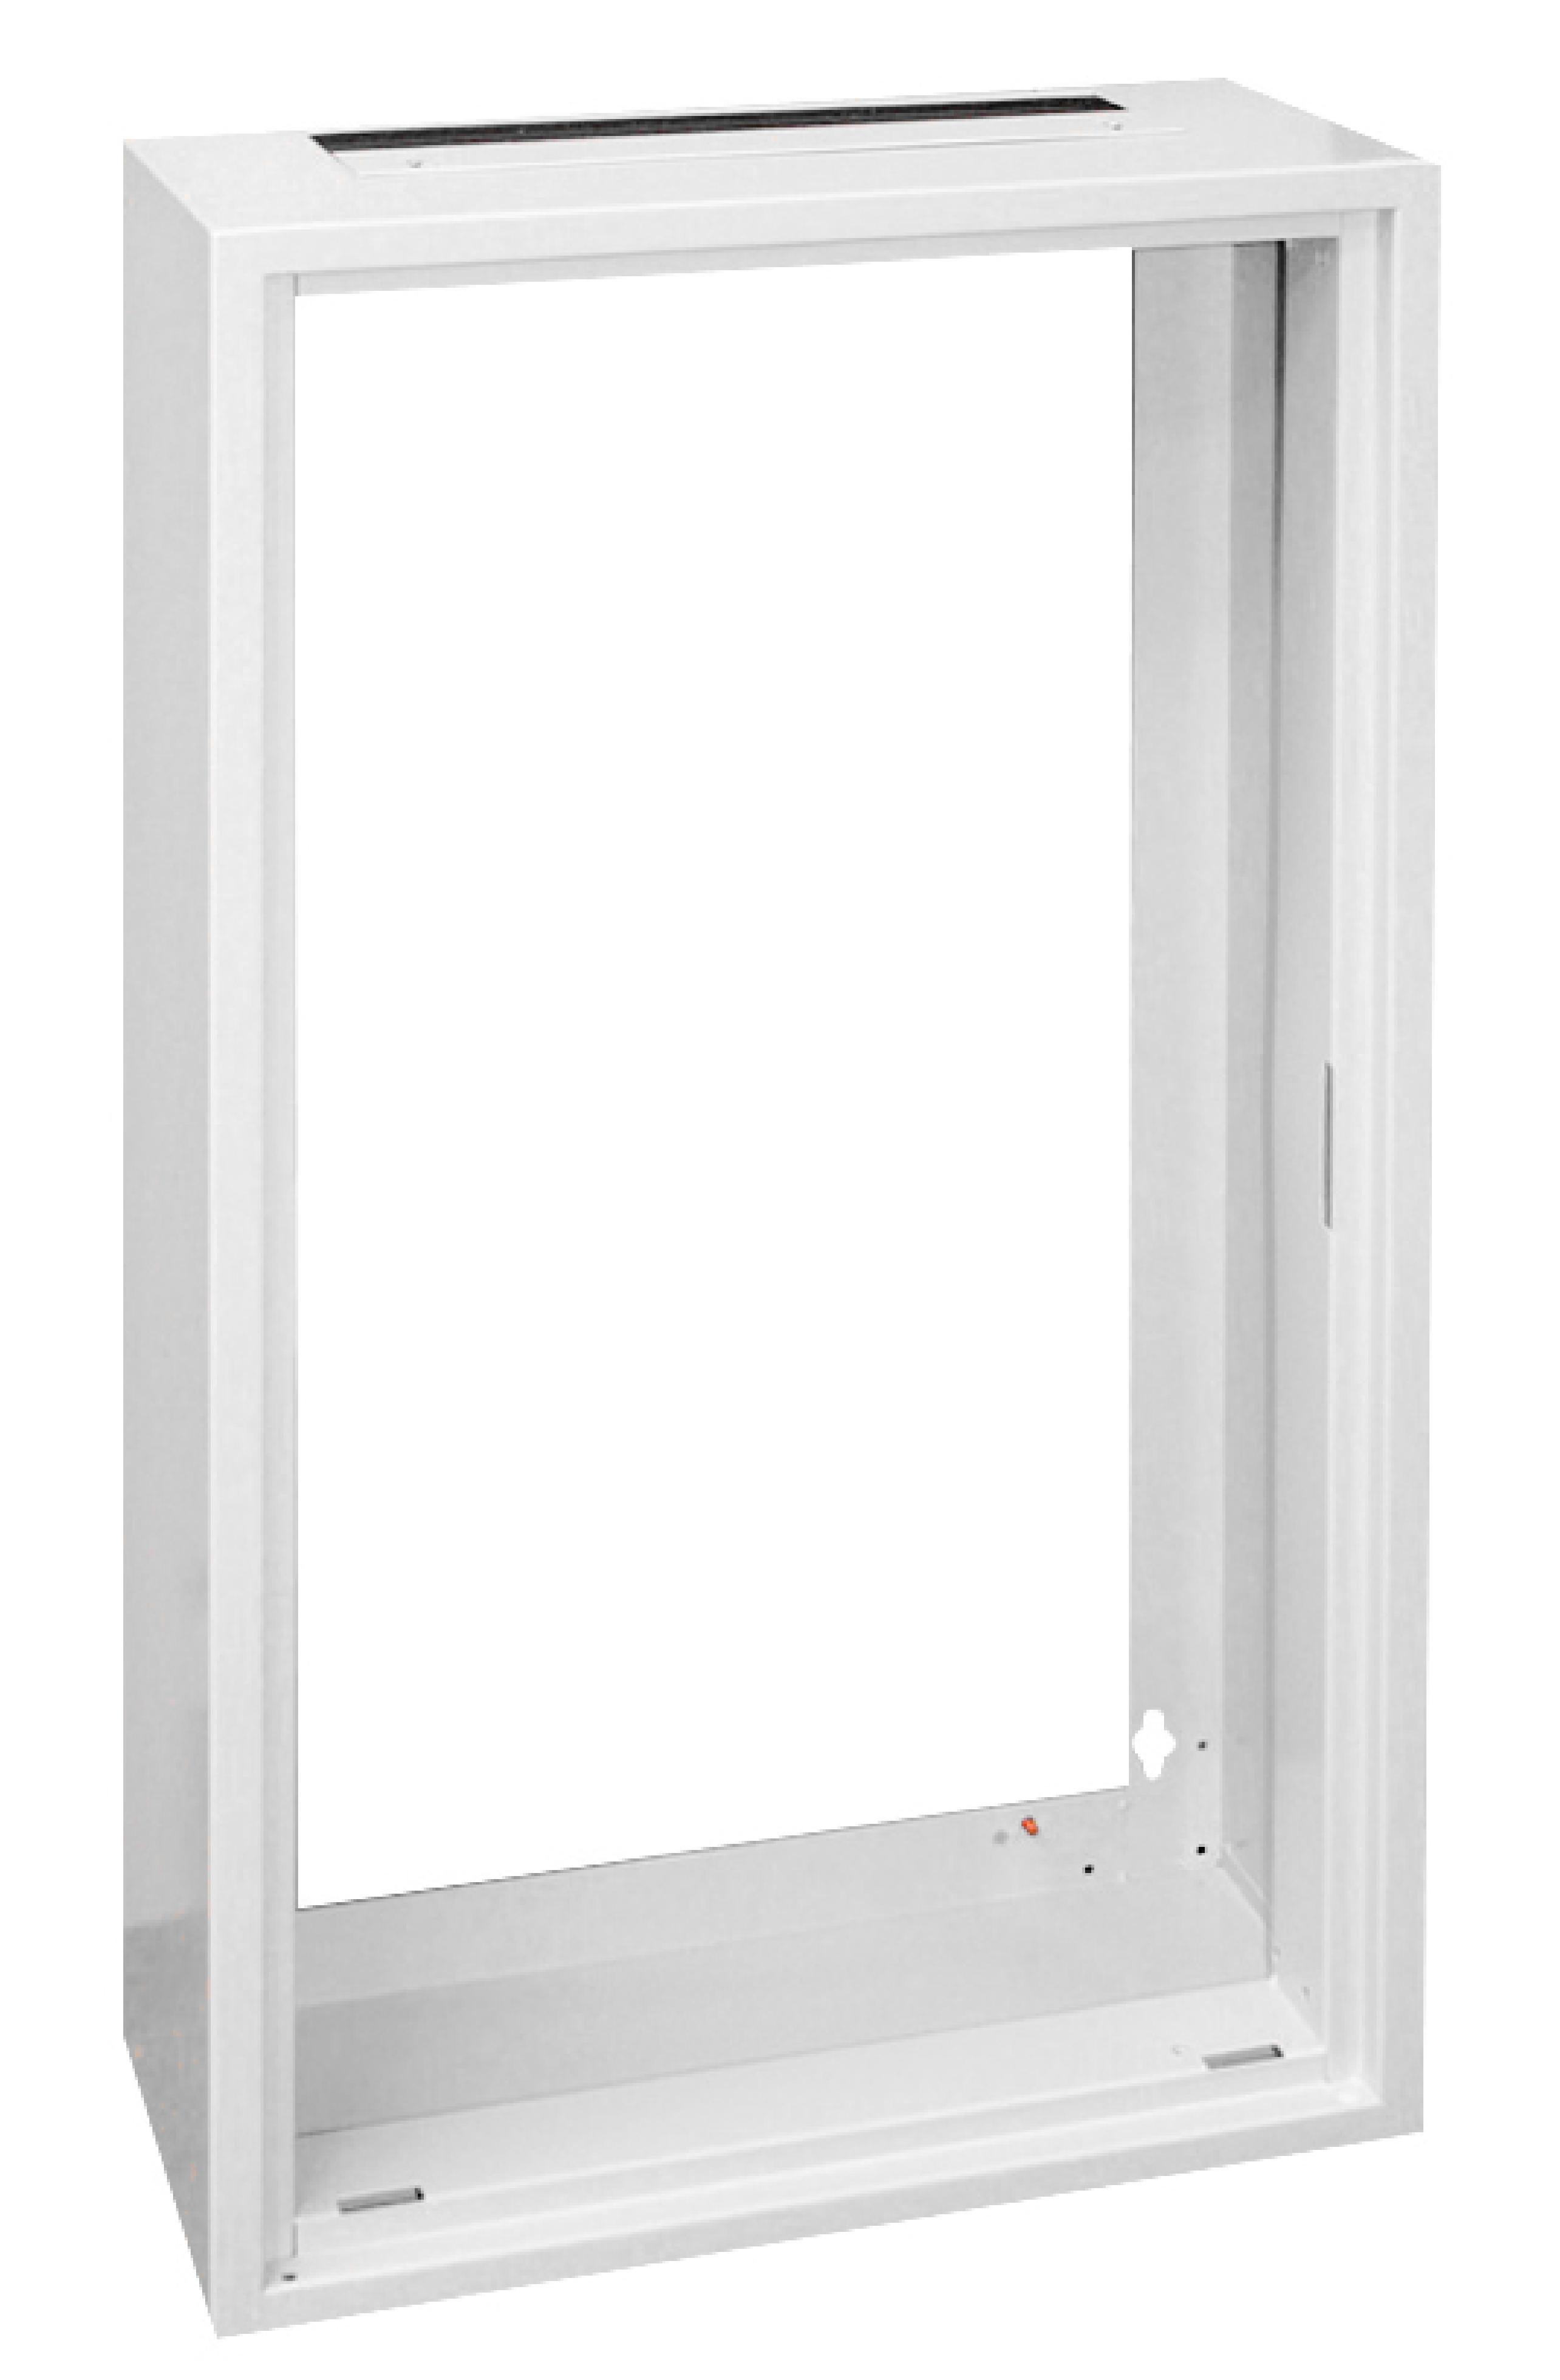 1 Stk AP-Rahmen ohne Türe und Rückwand 2A-45, H2160B590T250mm IL001245-F